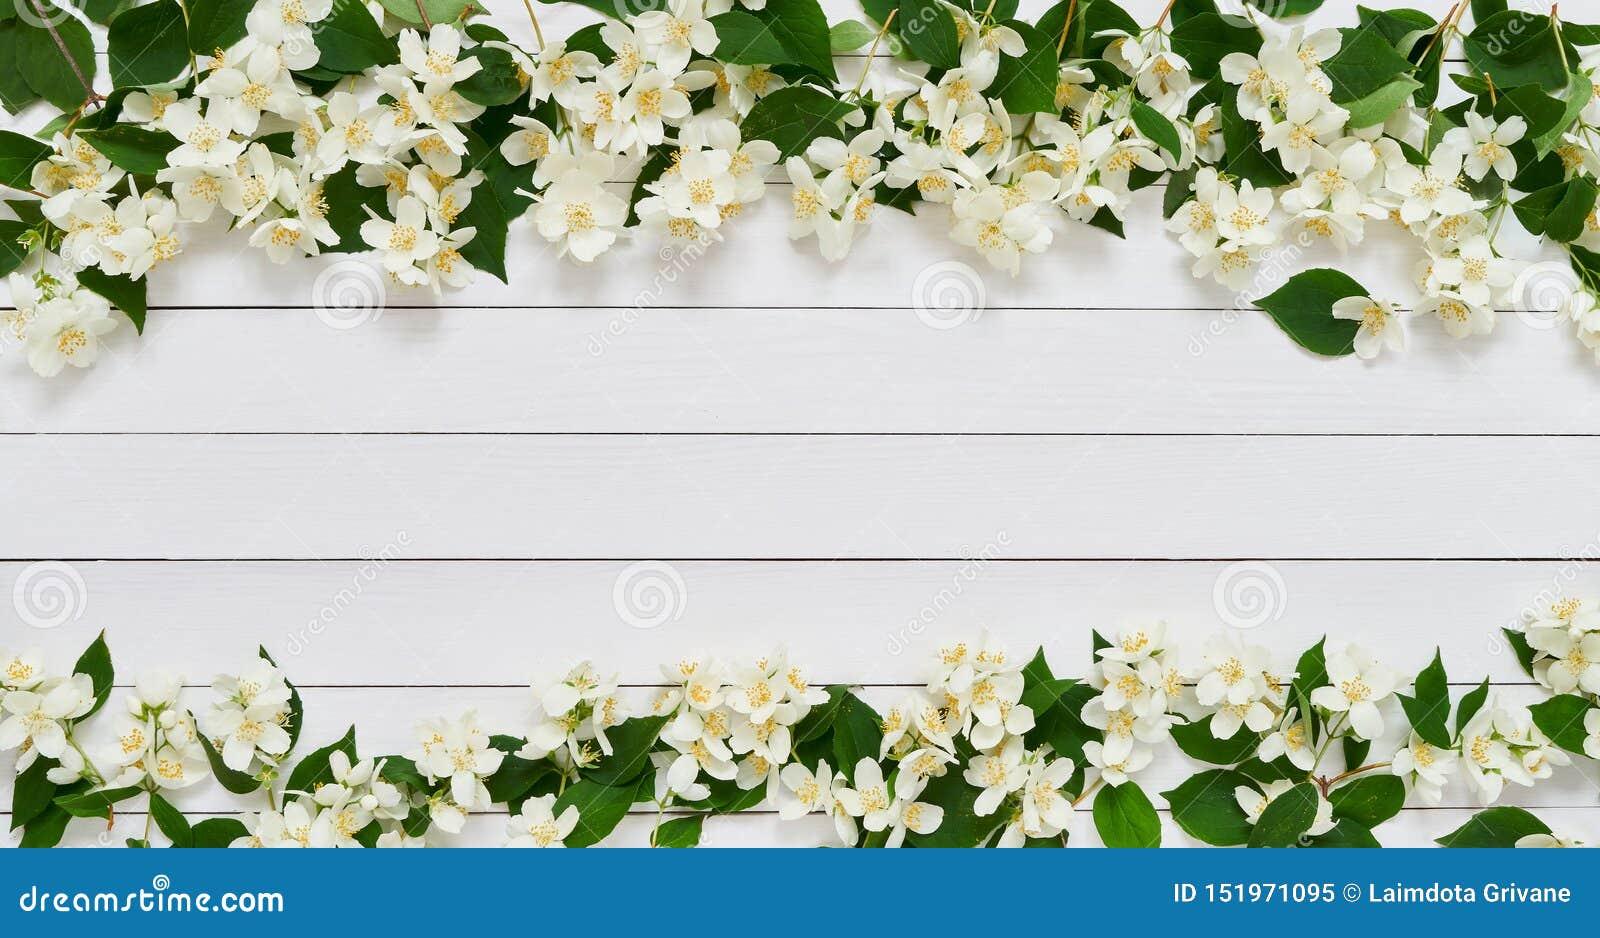 jasmine philadelphus or mockorange flowers border on